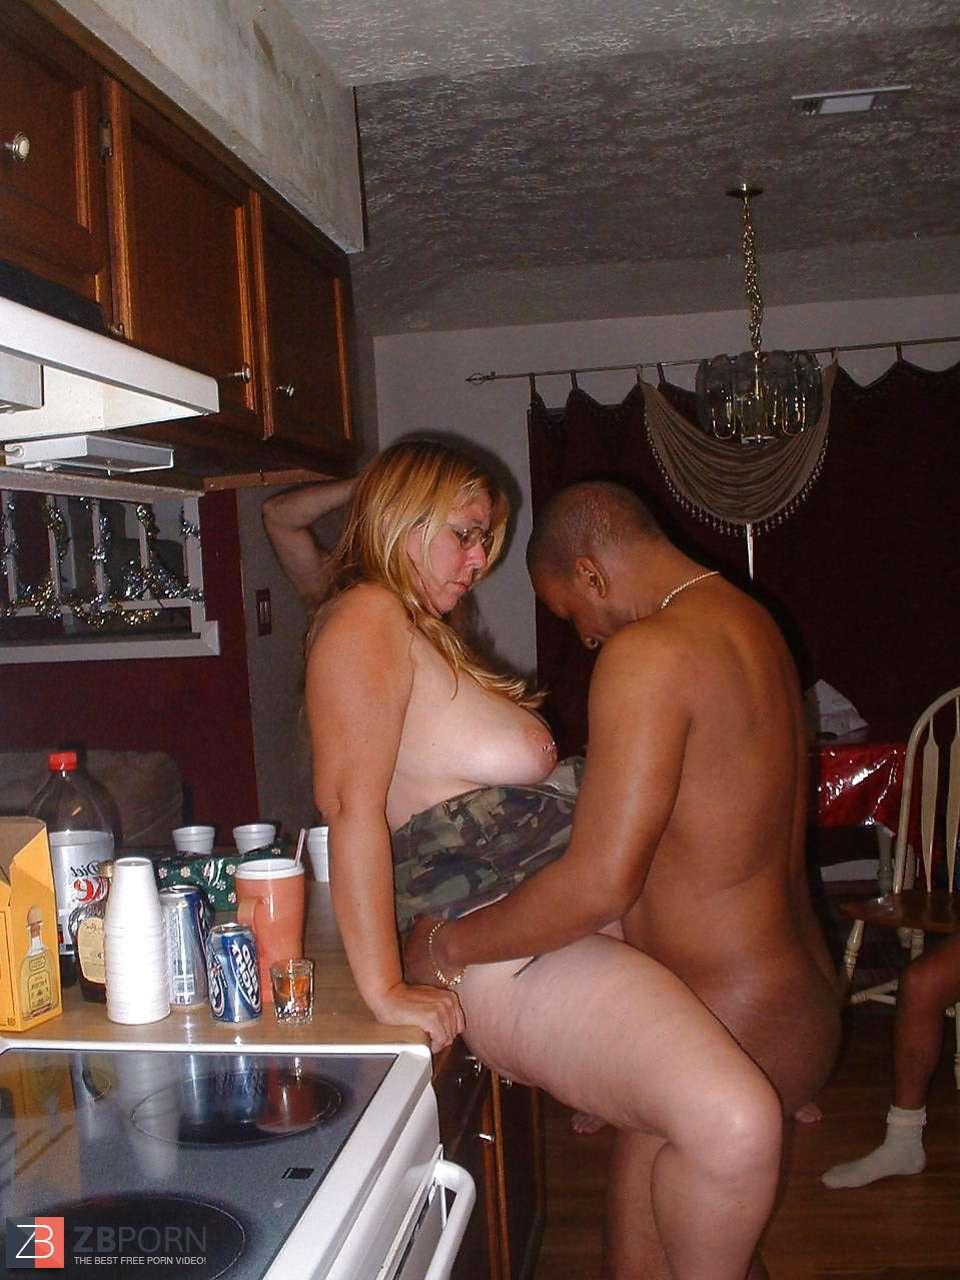 Family guy naked pics